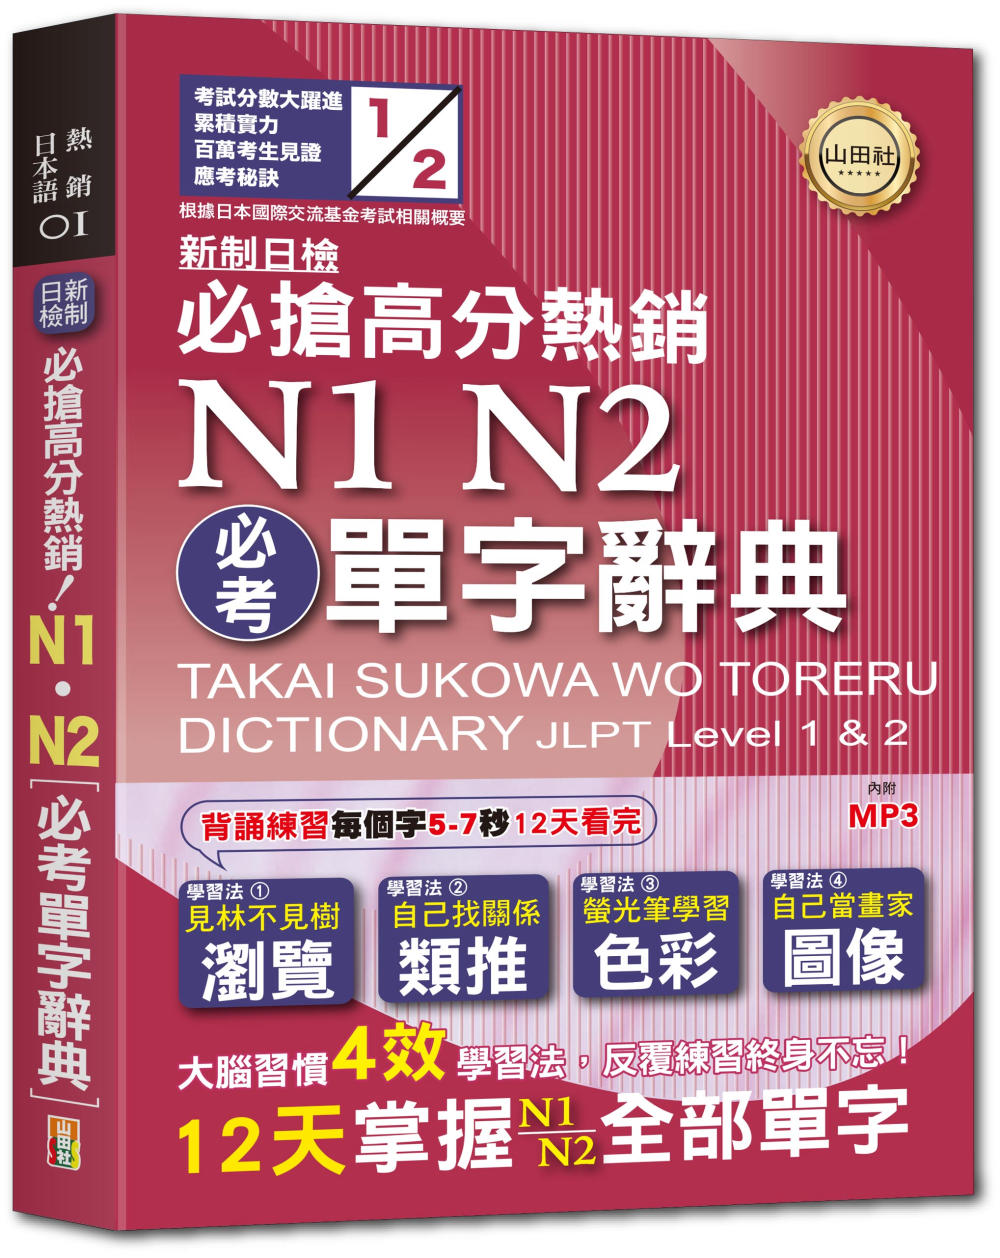 新制日檢必搶高分熱銷N1,N2必考單字辭典(25K+MP3)